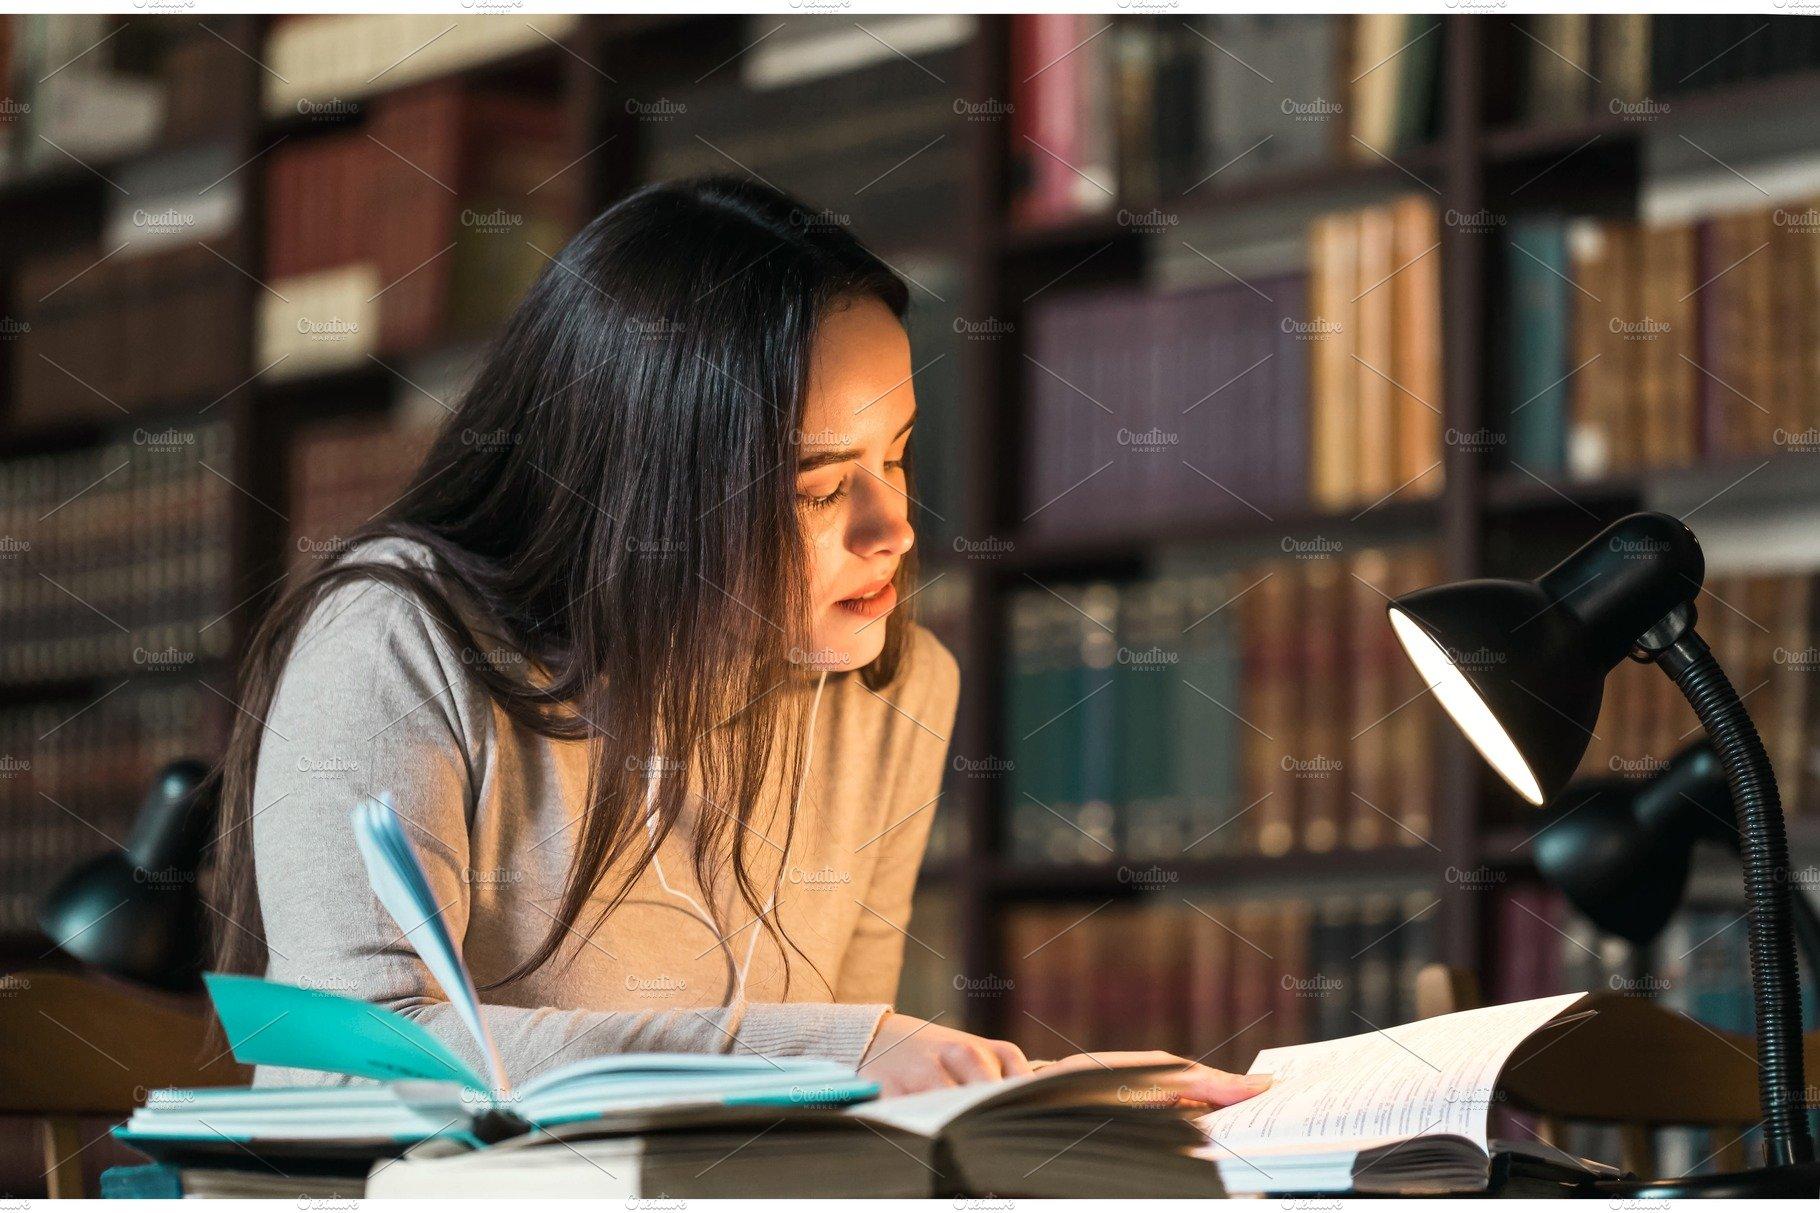 انجام پایان نامه حقوق و انجام رساله دکتری حقوق